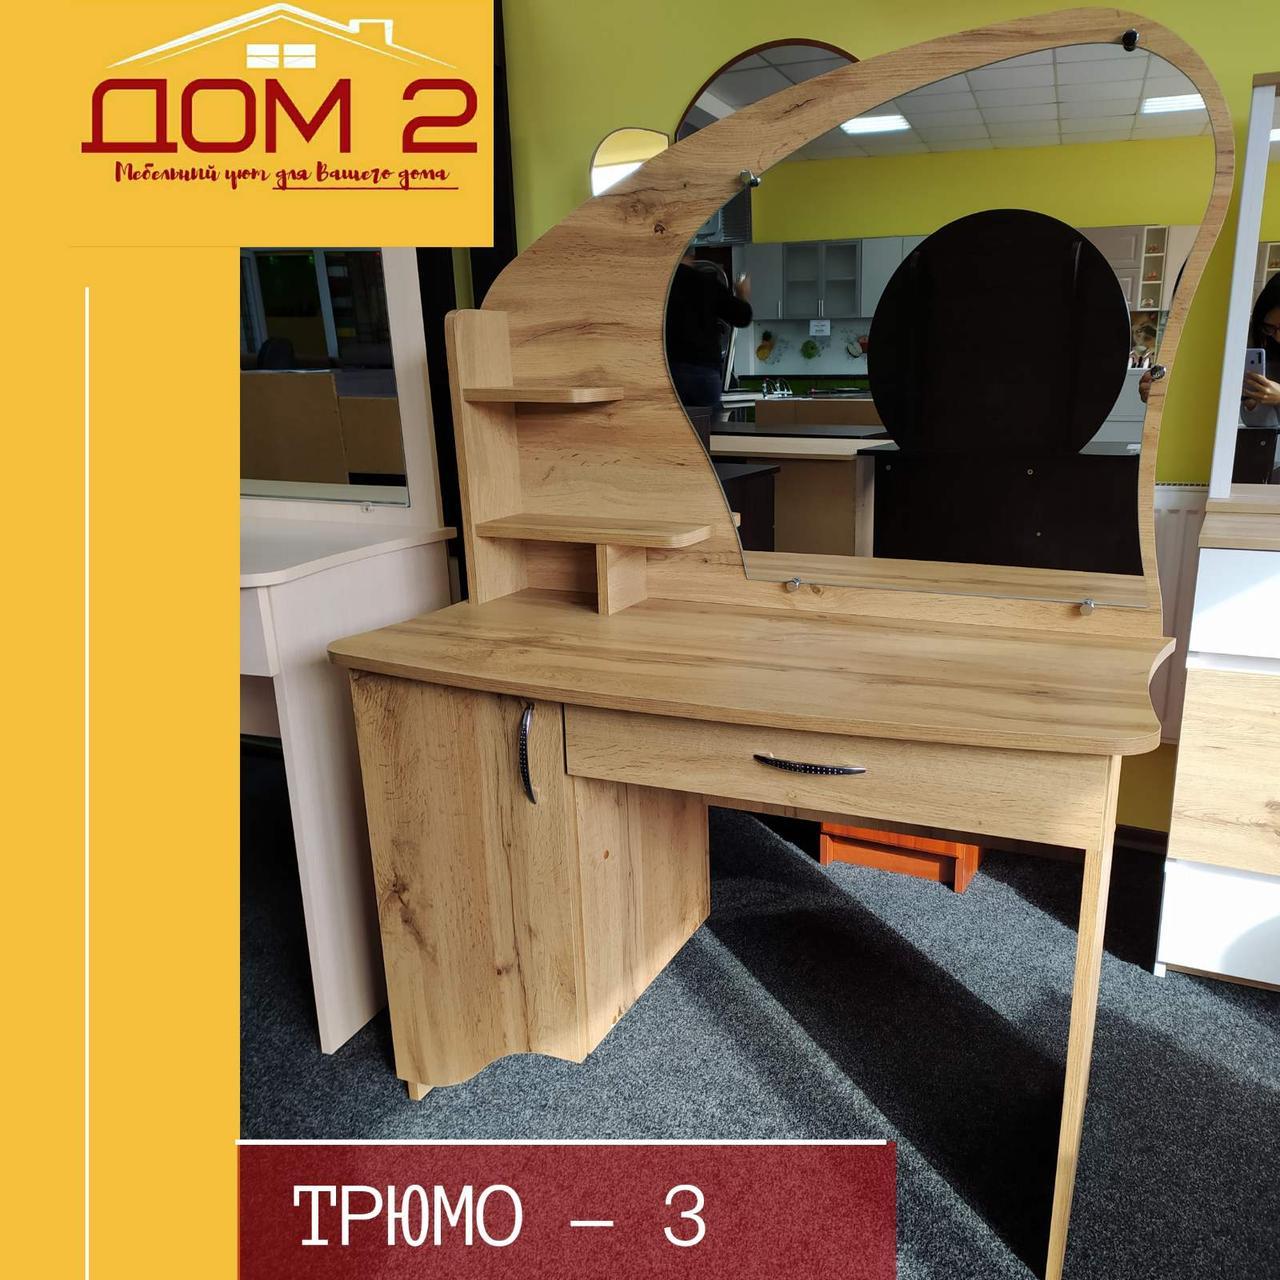 Трюмо - 3 с полочками